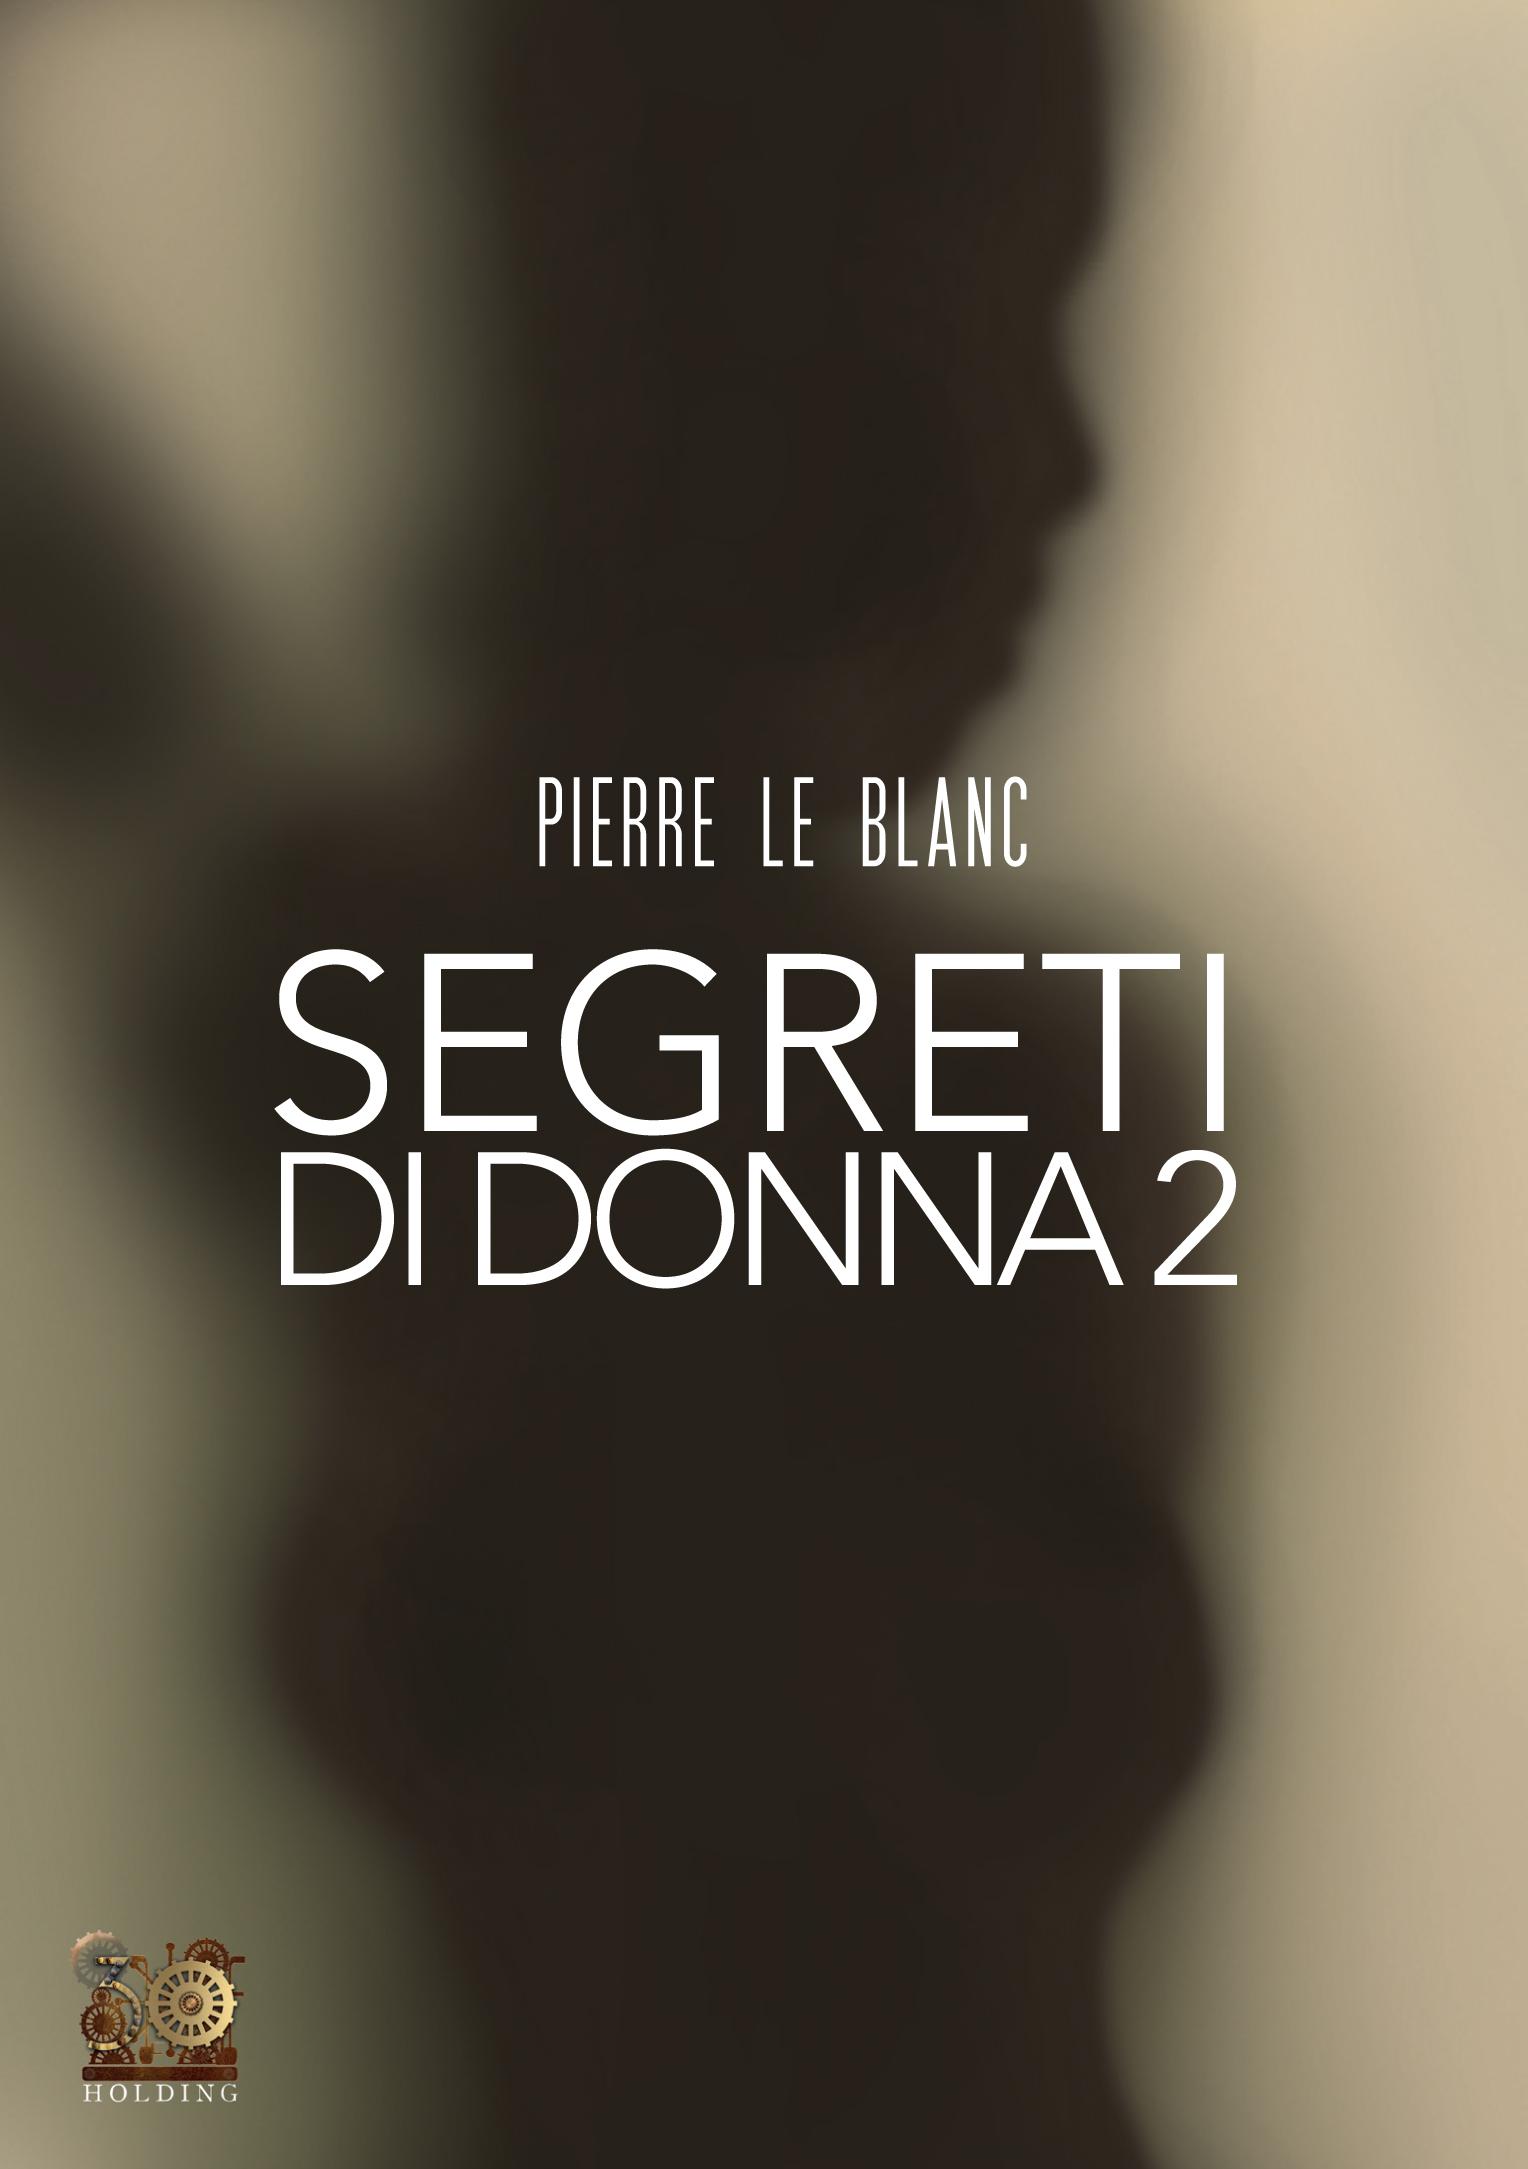 SEGRETI DI DONNA 2 (DVD)